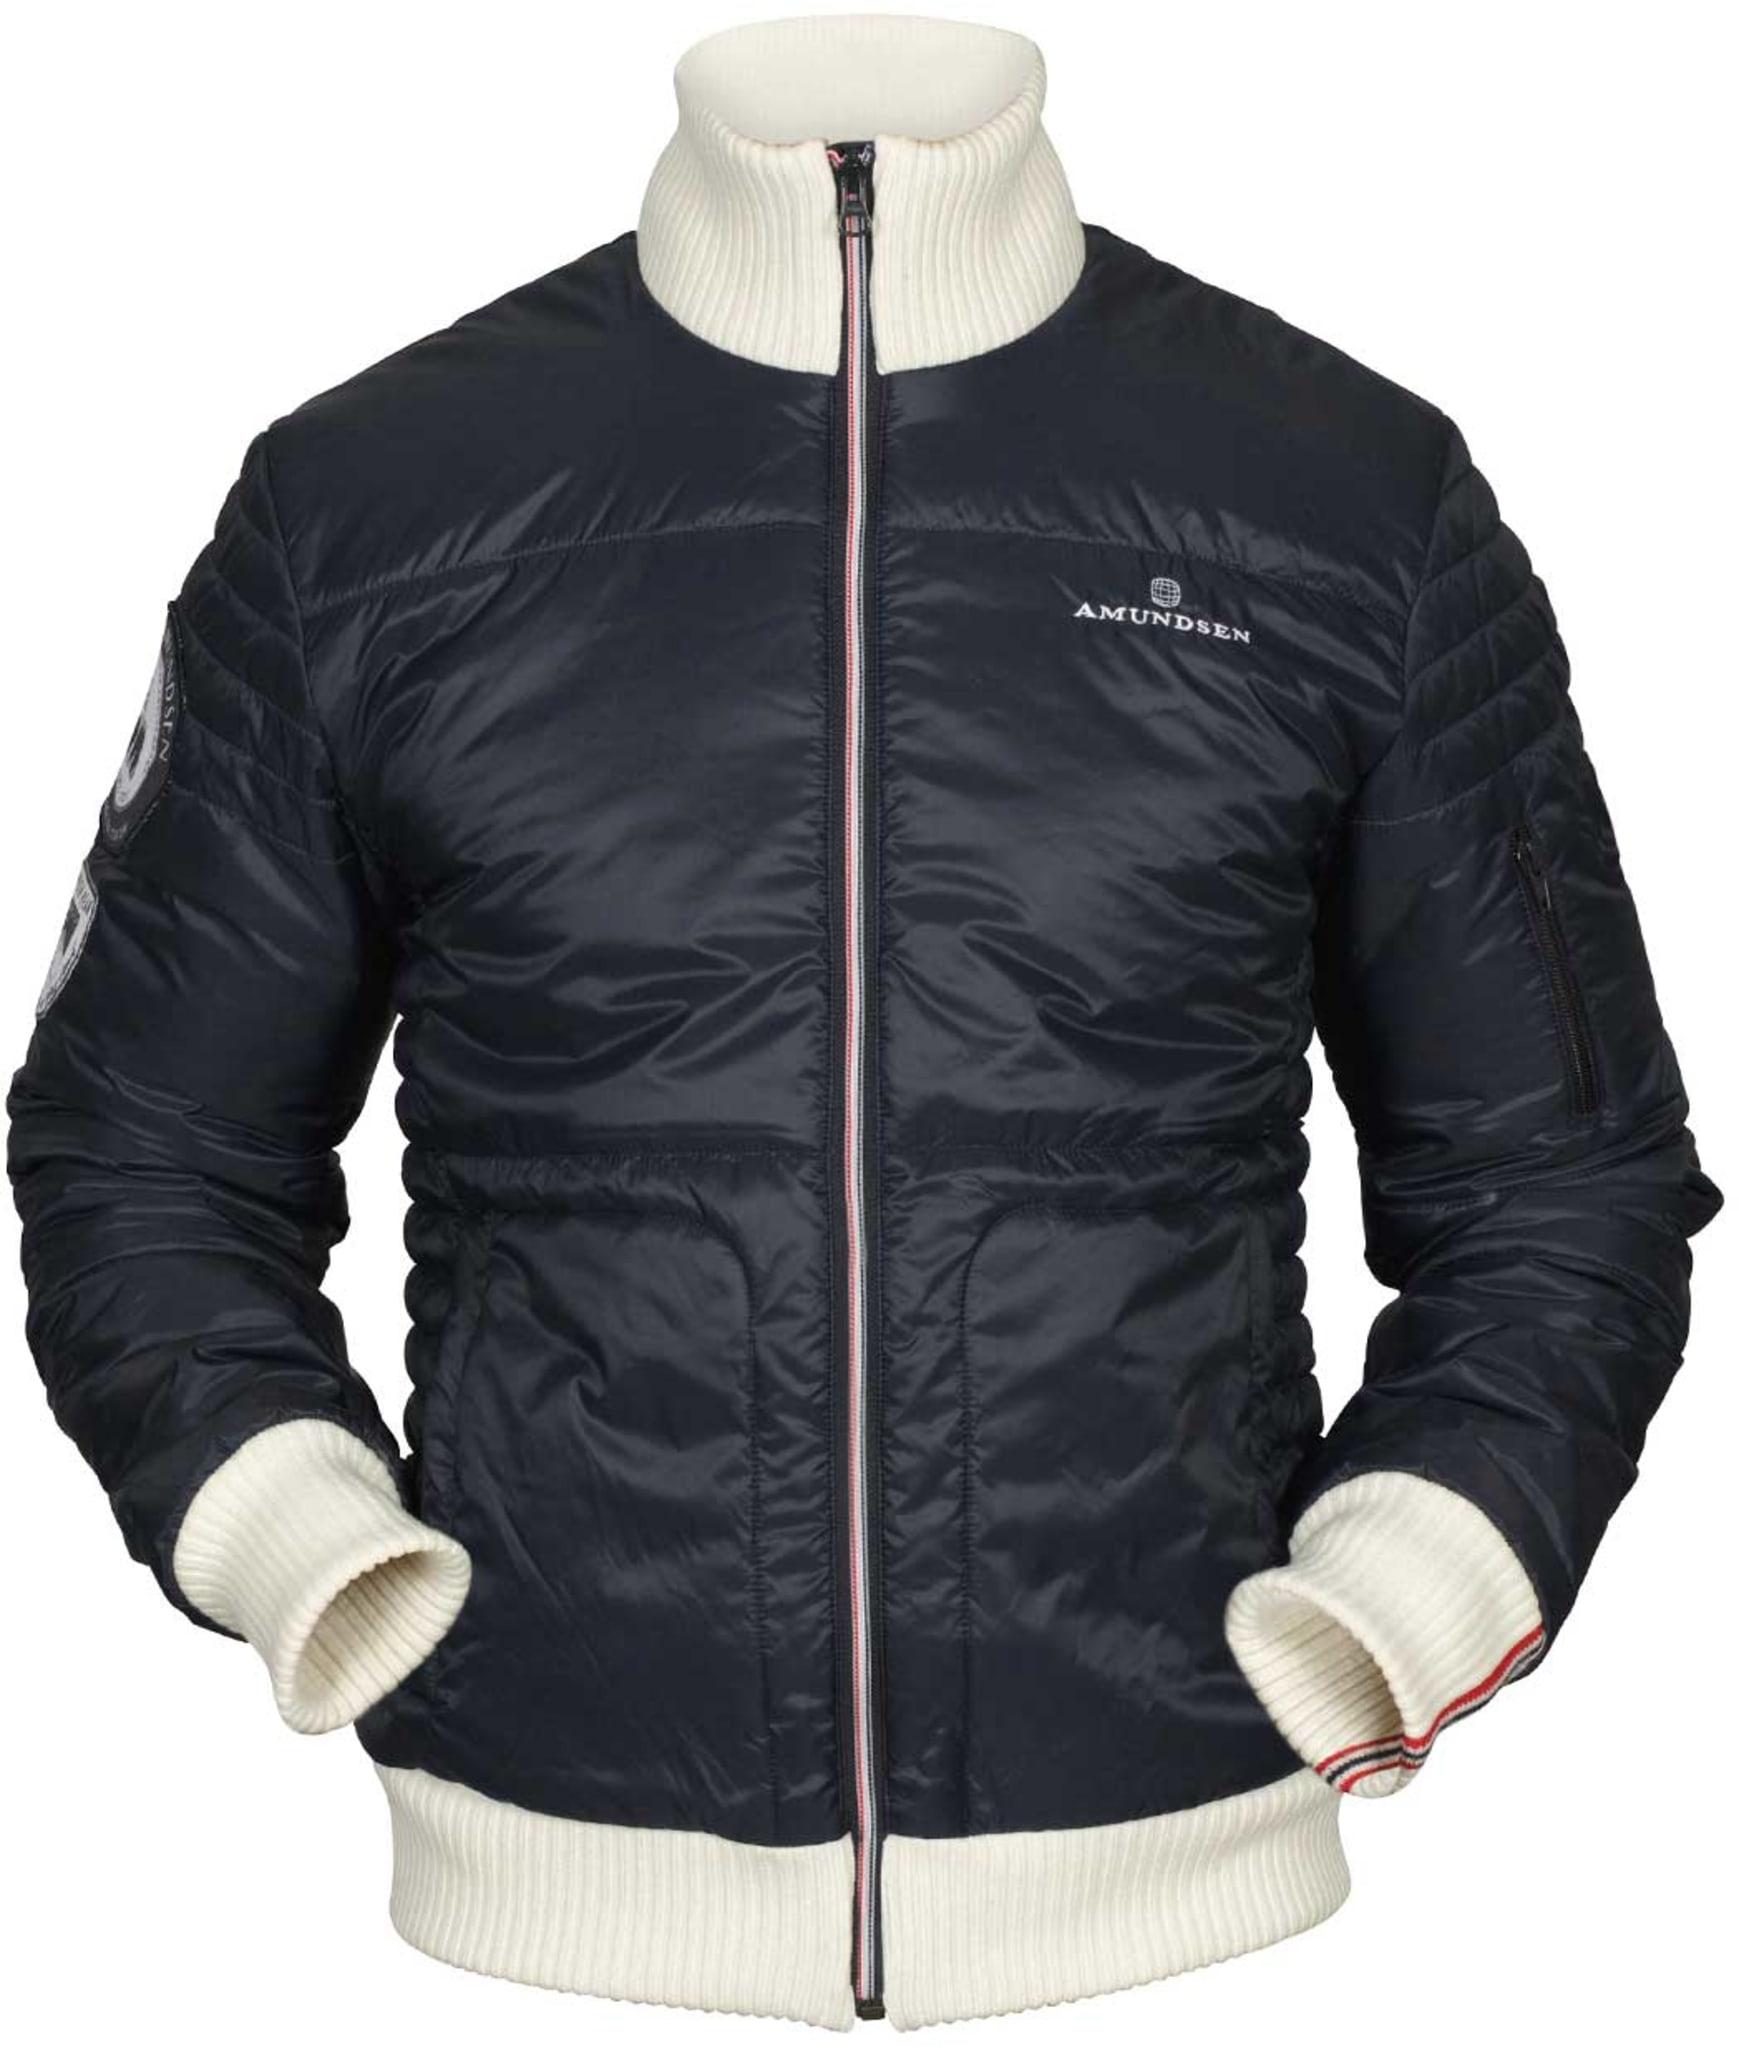 Breguet Jacket Mens